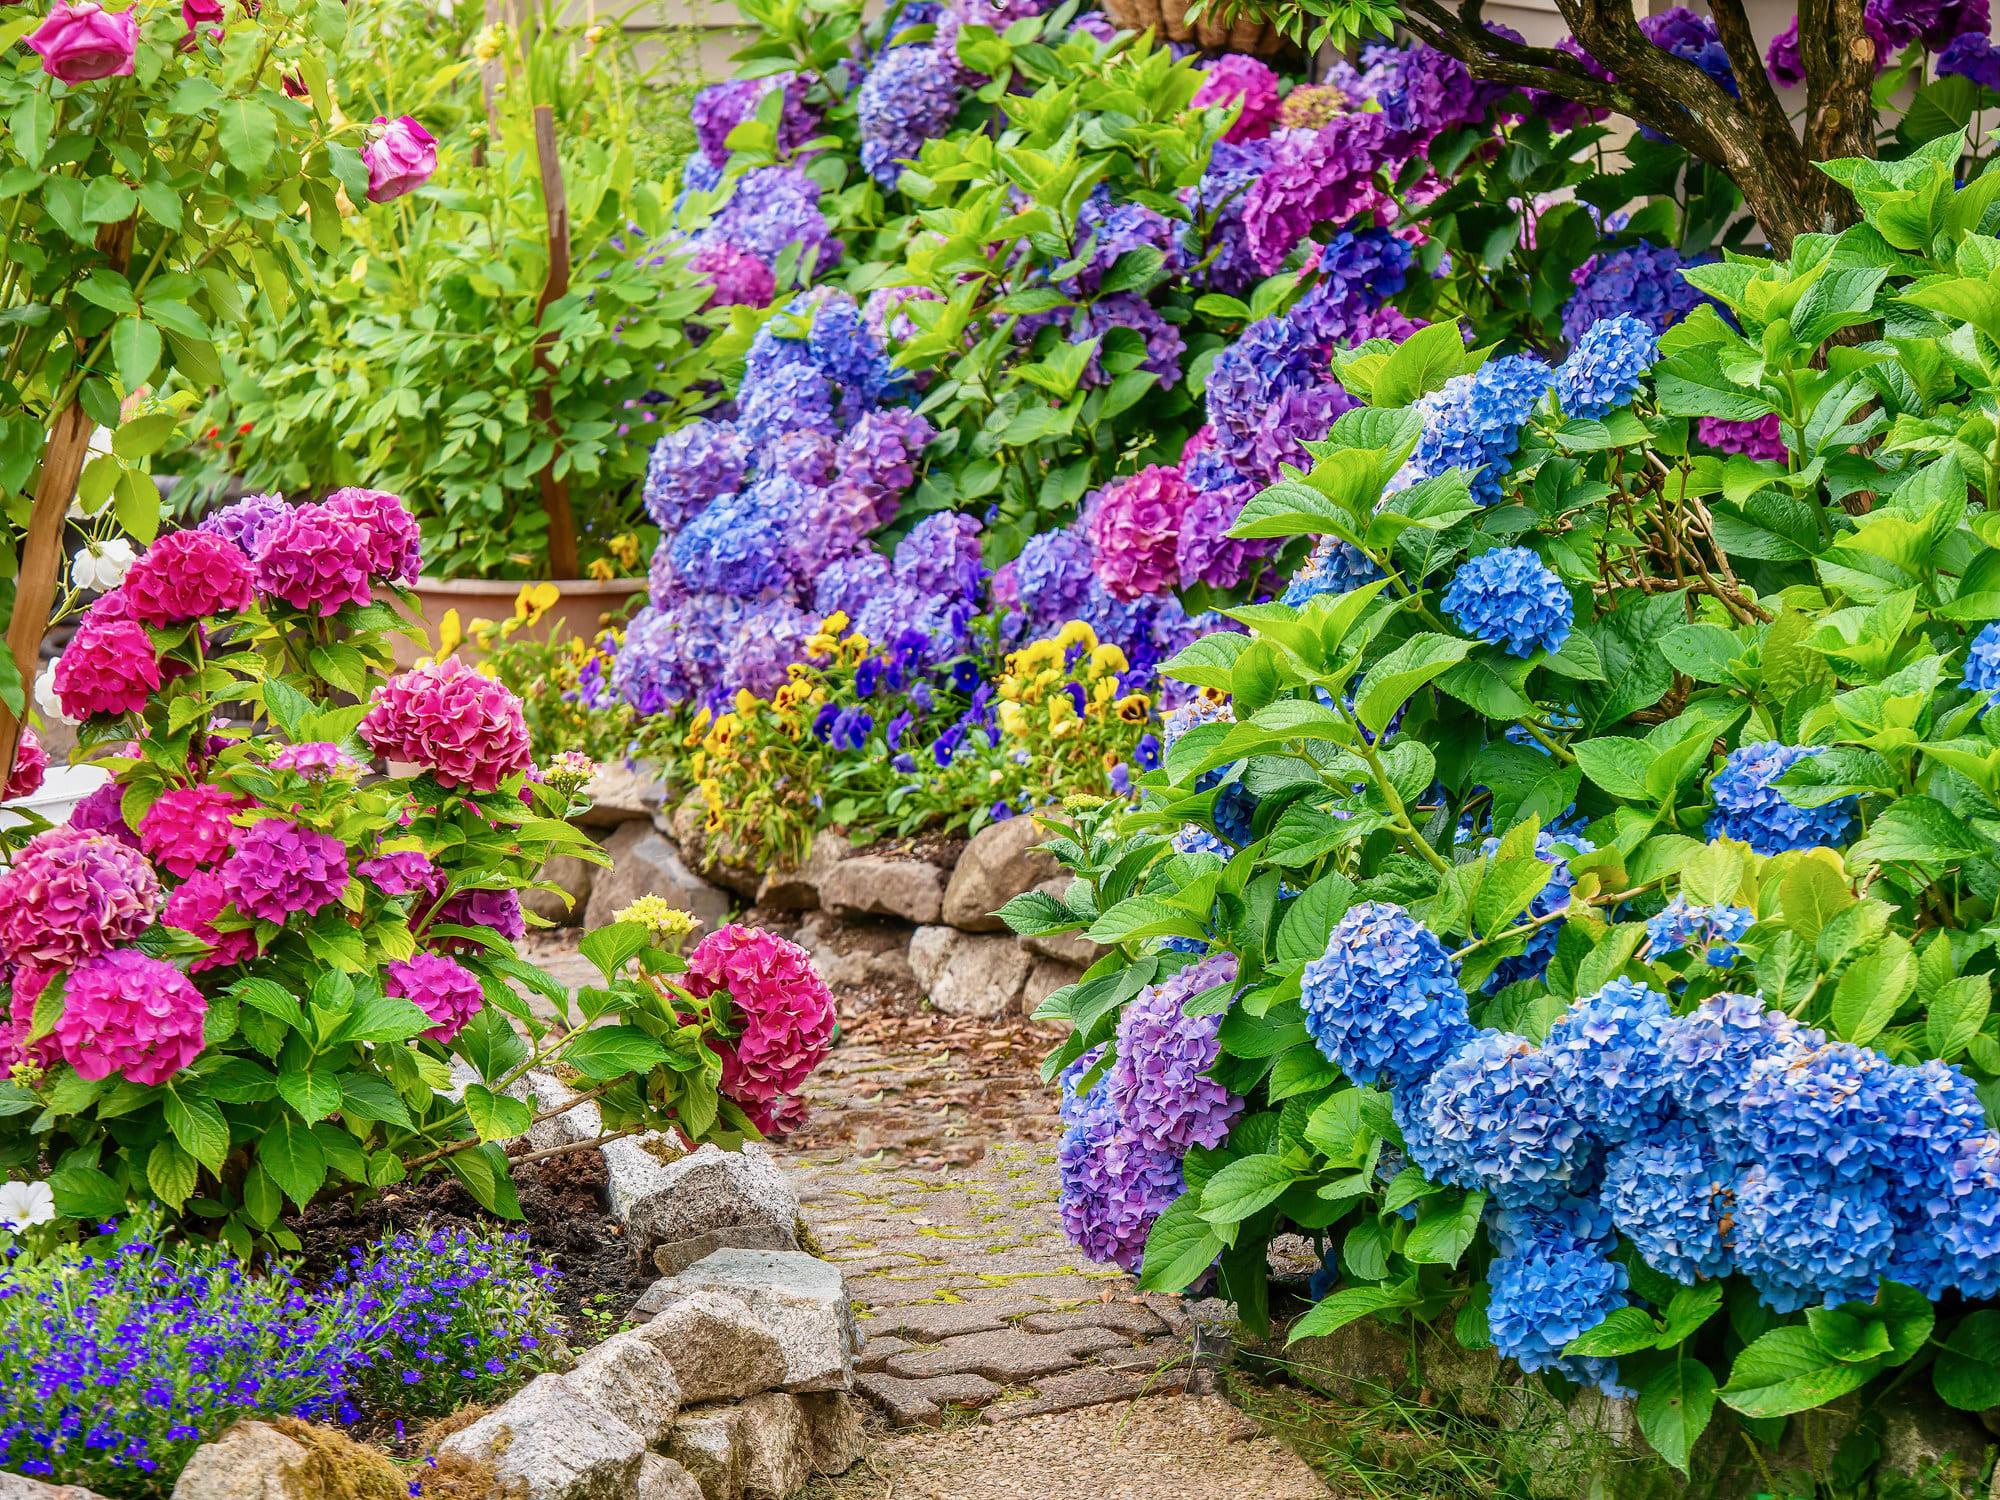 Foto de um jardim com flores